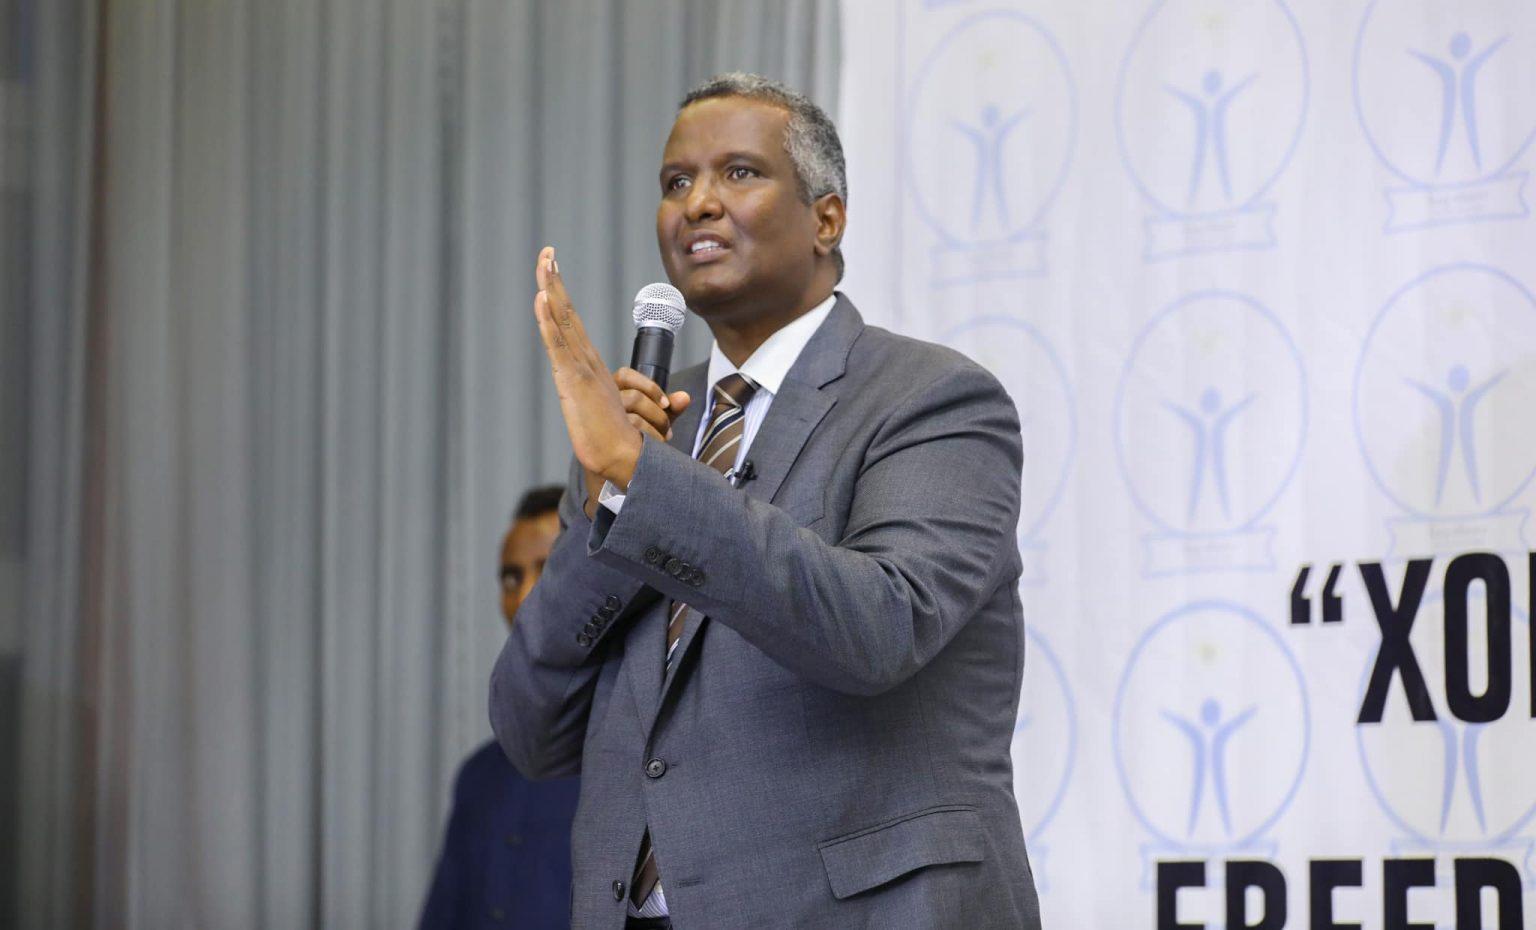 زعيم حزب ودجر يحذر من خطة لتقسيم الجيش الصومالي